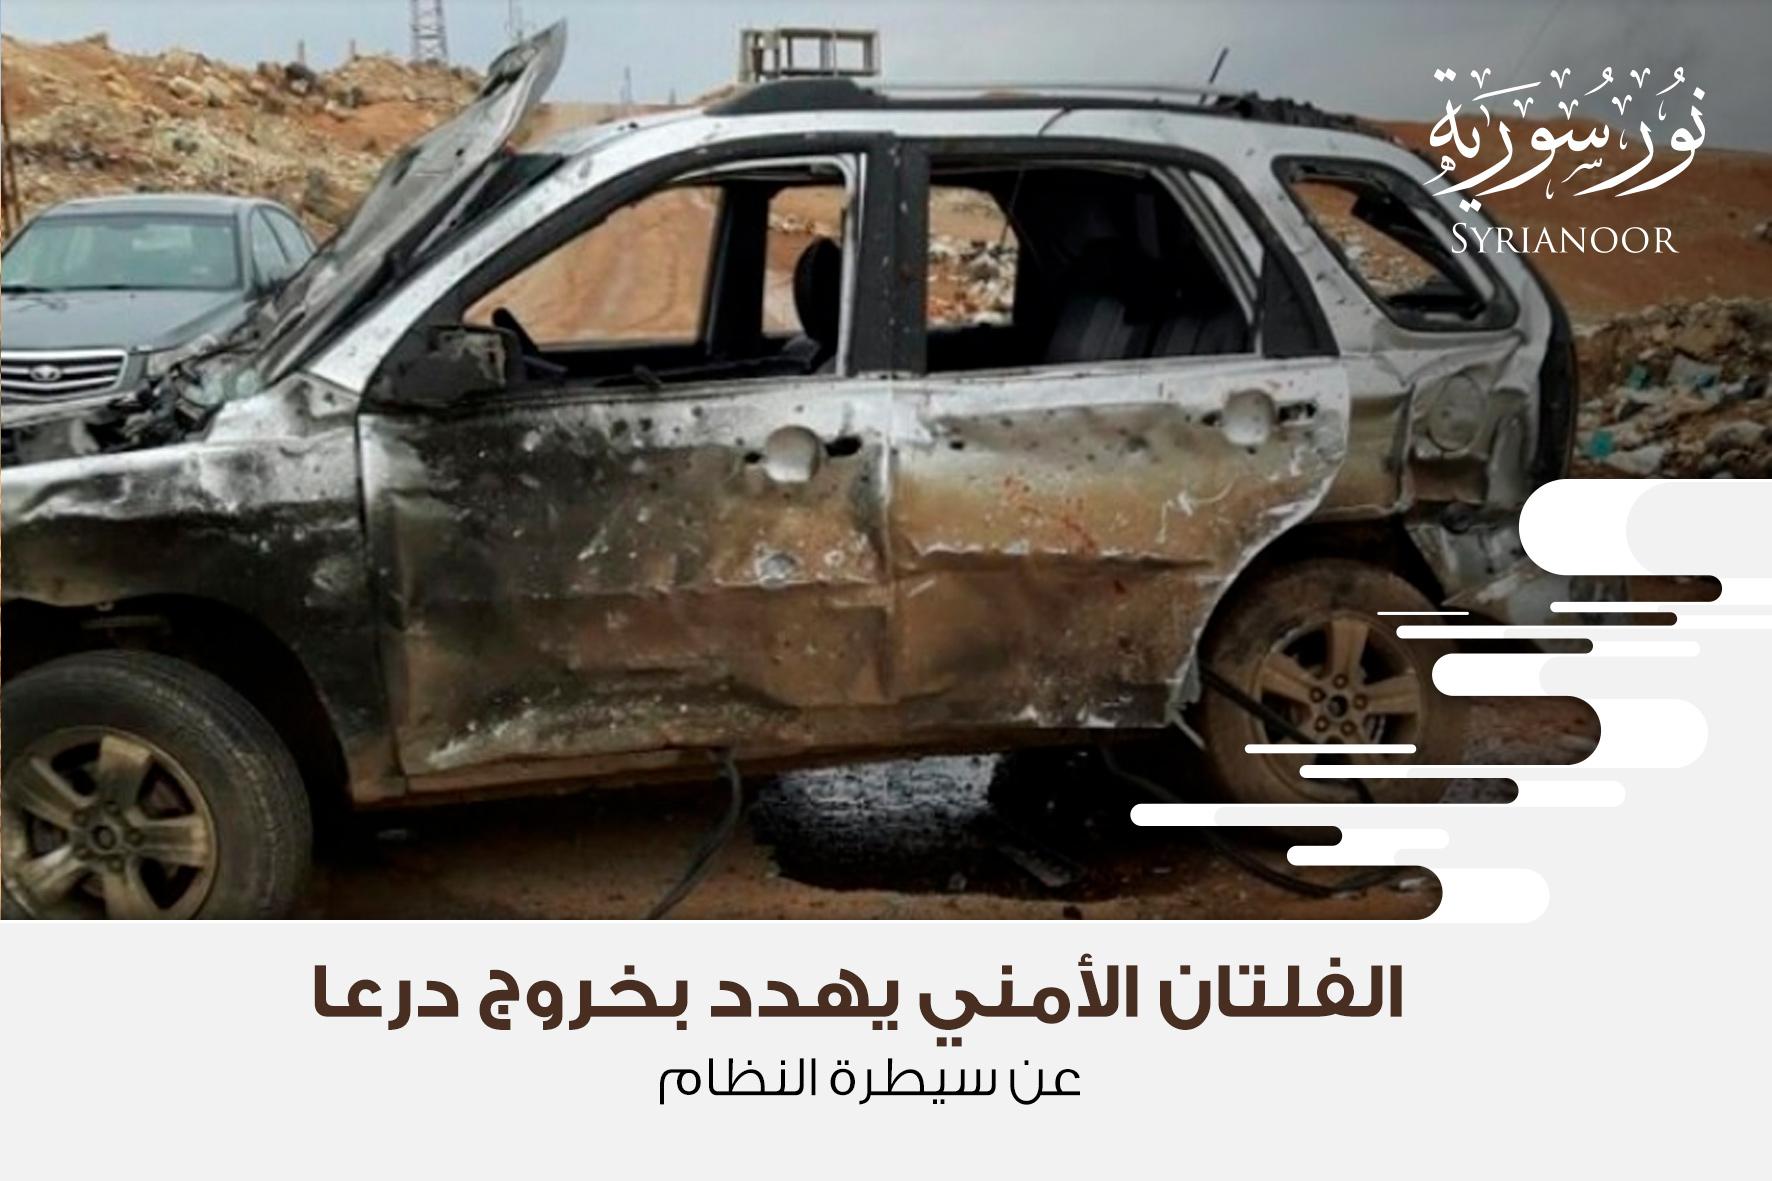 الفلتان الأمني يهدد بخروج درعا عن سيطرة النظام